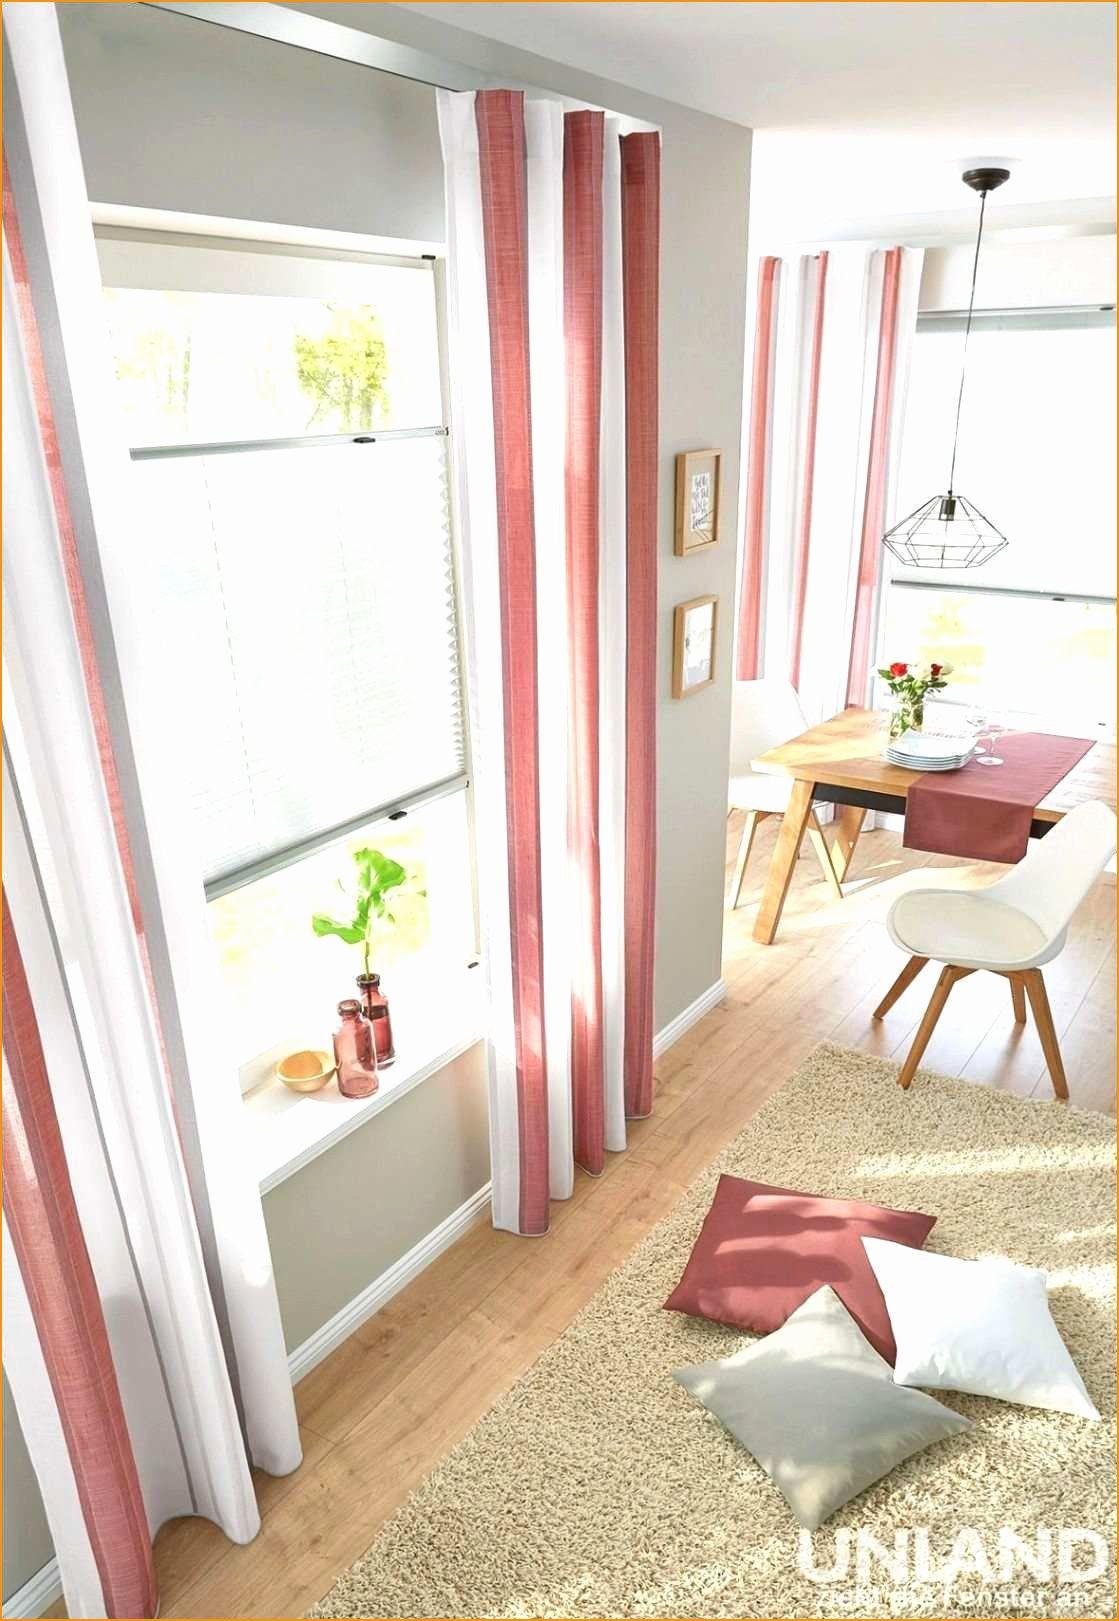 Full Size of Verdunkelung Kinderzimmer Pin Von Mareike Kohl Auf Tobi Fenster In 2020 Sessel Kaufen Regal Regale Weiß Sofa Kinderzimmer Verdunkelung Kinderzimmer